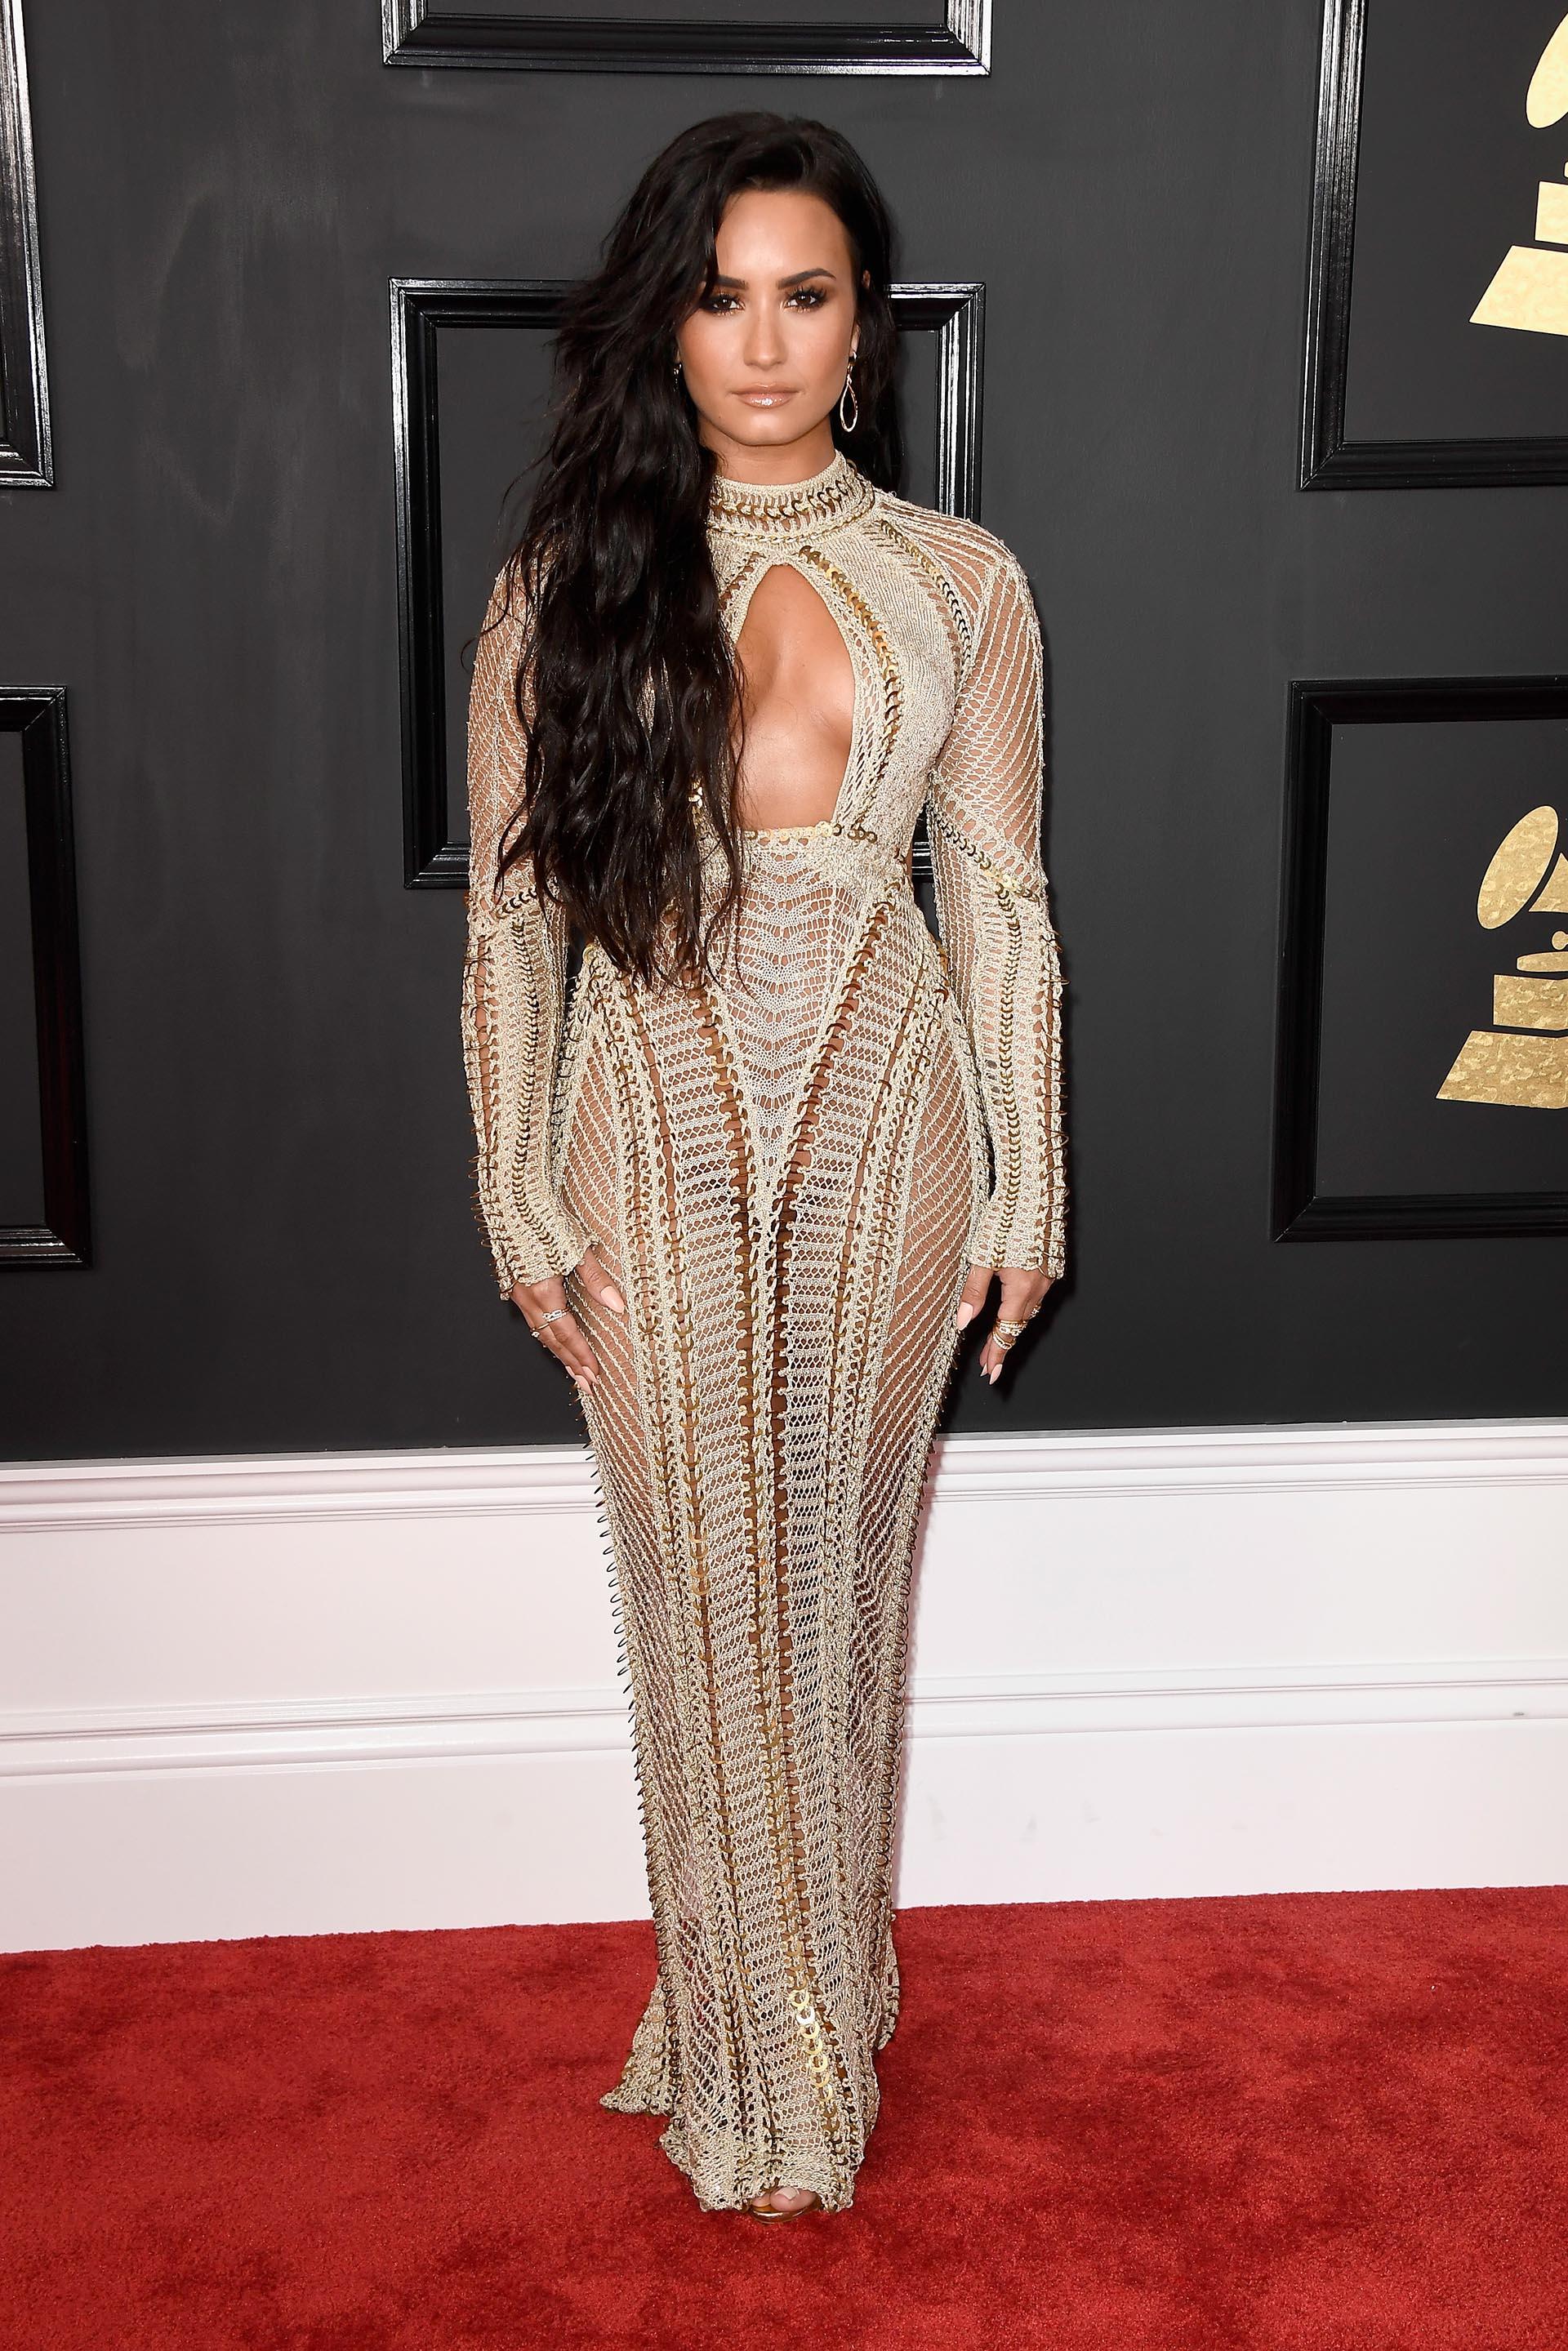 Demi Lovato lució vestido sirena de escote intrépido en un original diseño en tonos claros de Julien Macdonald. Calado y cuello cerrado, sus joyas fueron los mini anillos y aros gota